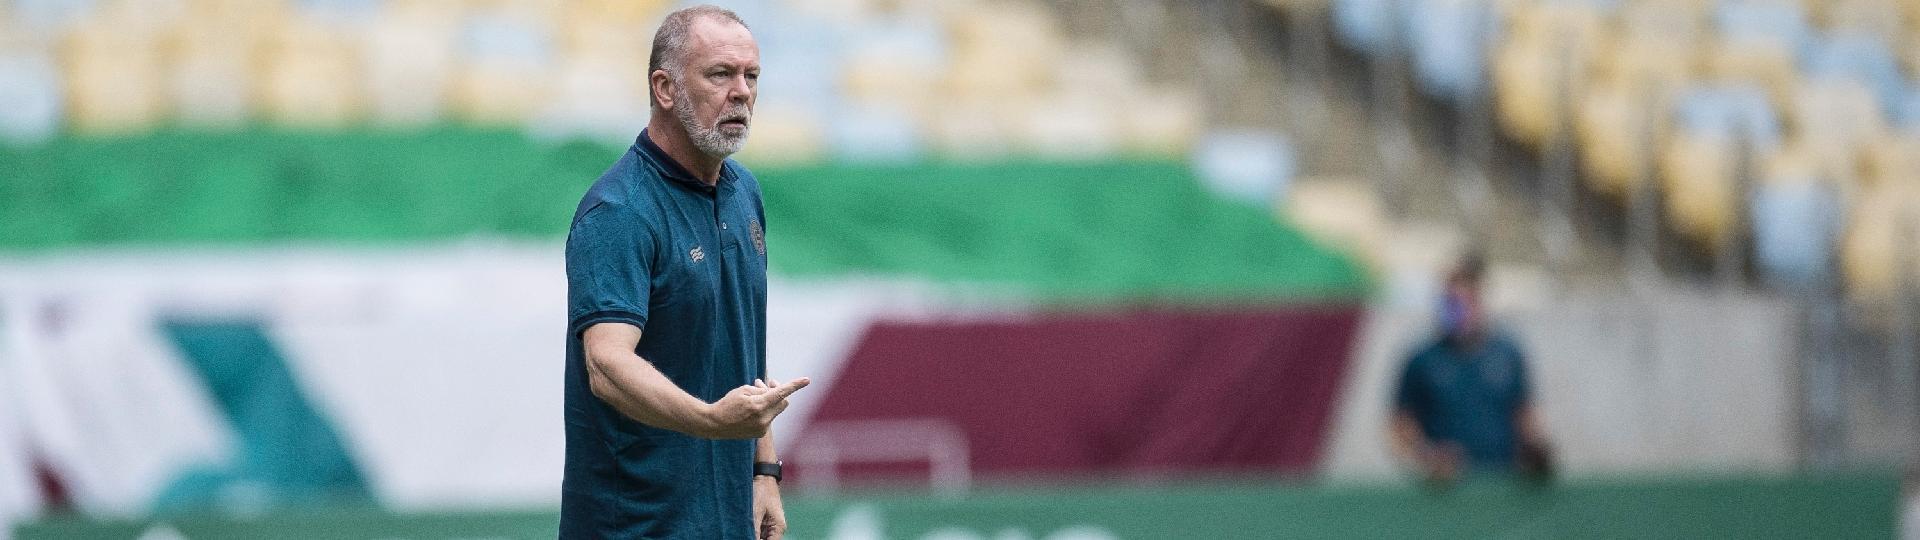 Mano Menezes, técnico do Bahia, durante a partida contra o Fluminense